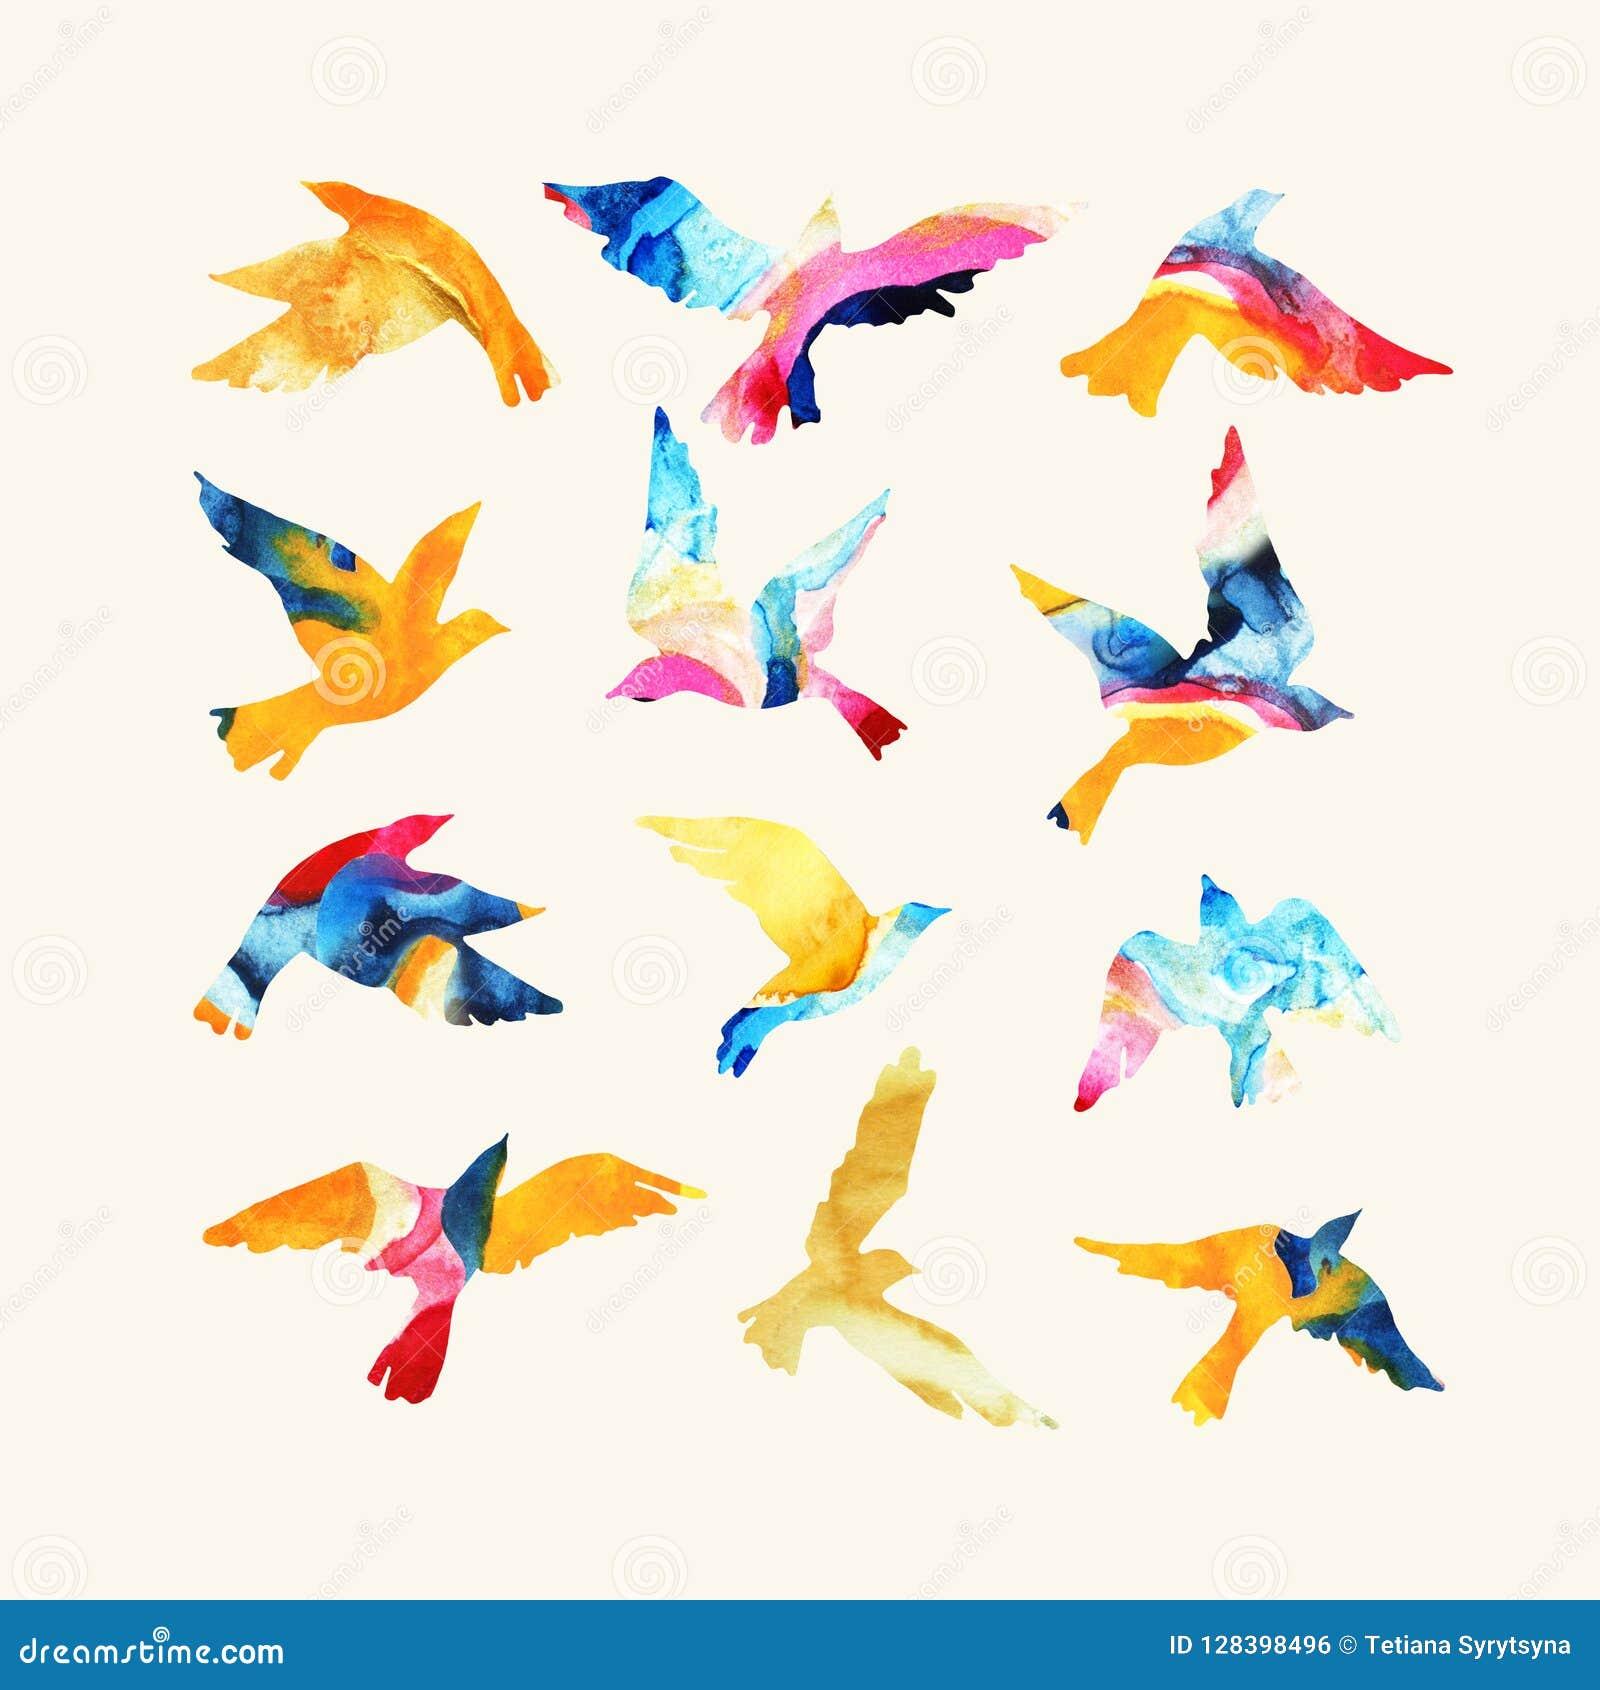 Siluette artistiche dell uccello di volo dell acquerello riempite di strutture mabling, colori luminosi fluidi, isolati su fondo